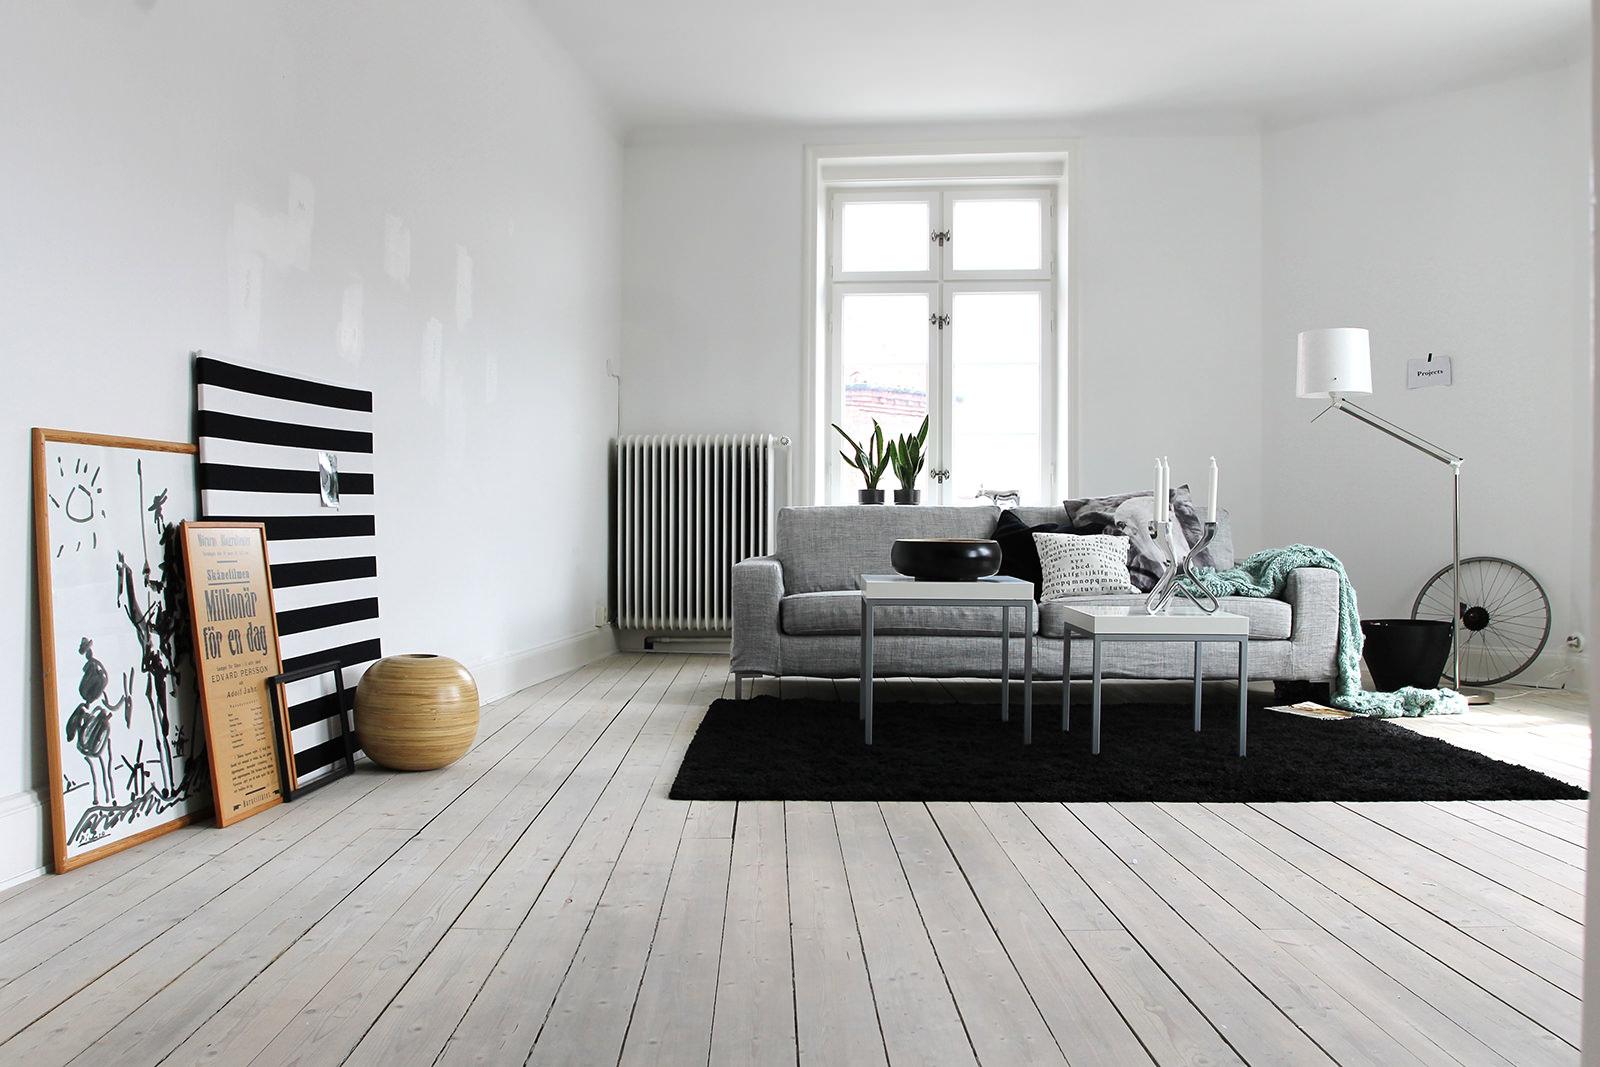 Обои белые для стен: как избежать монотонности и сохранить пространство?